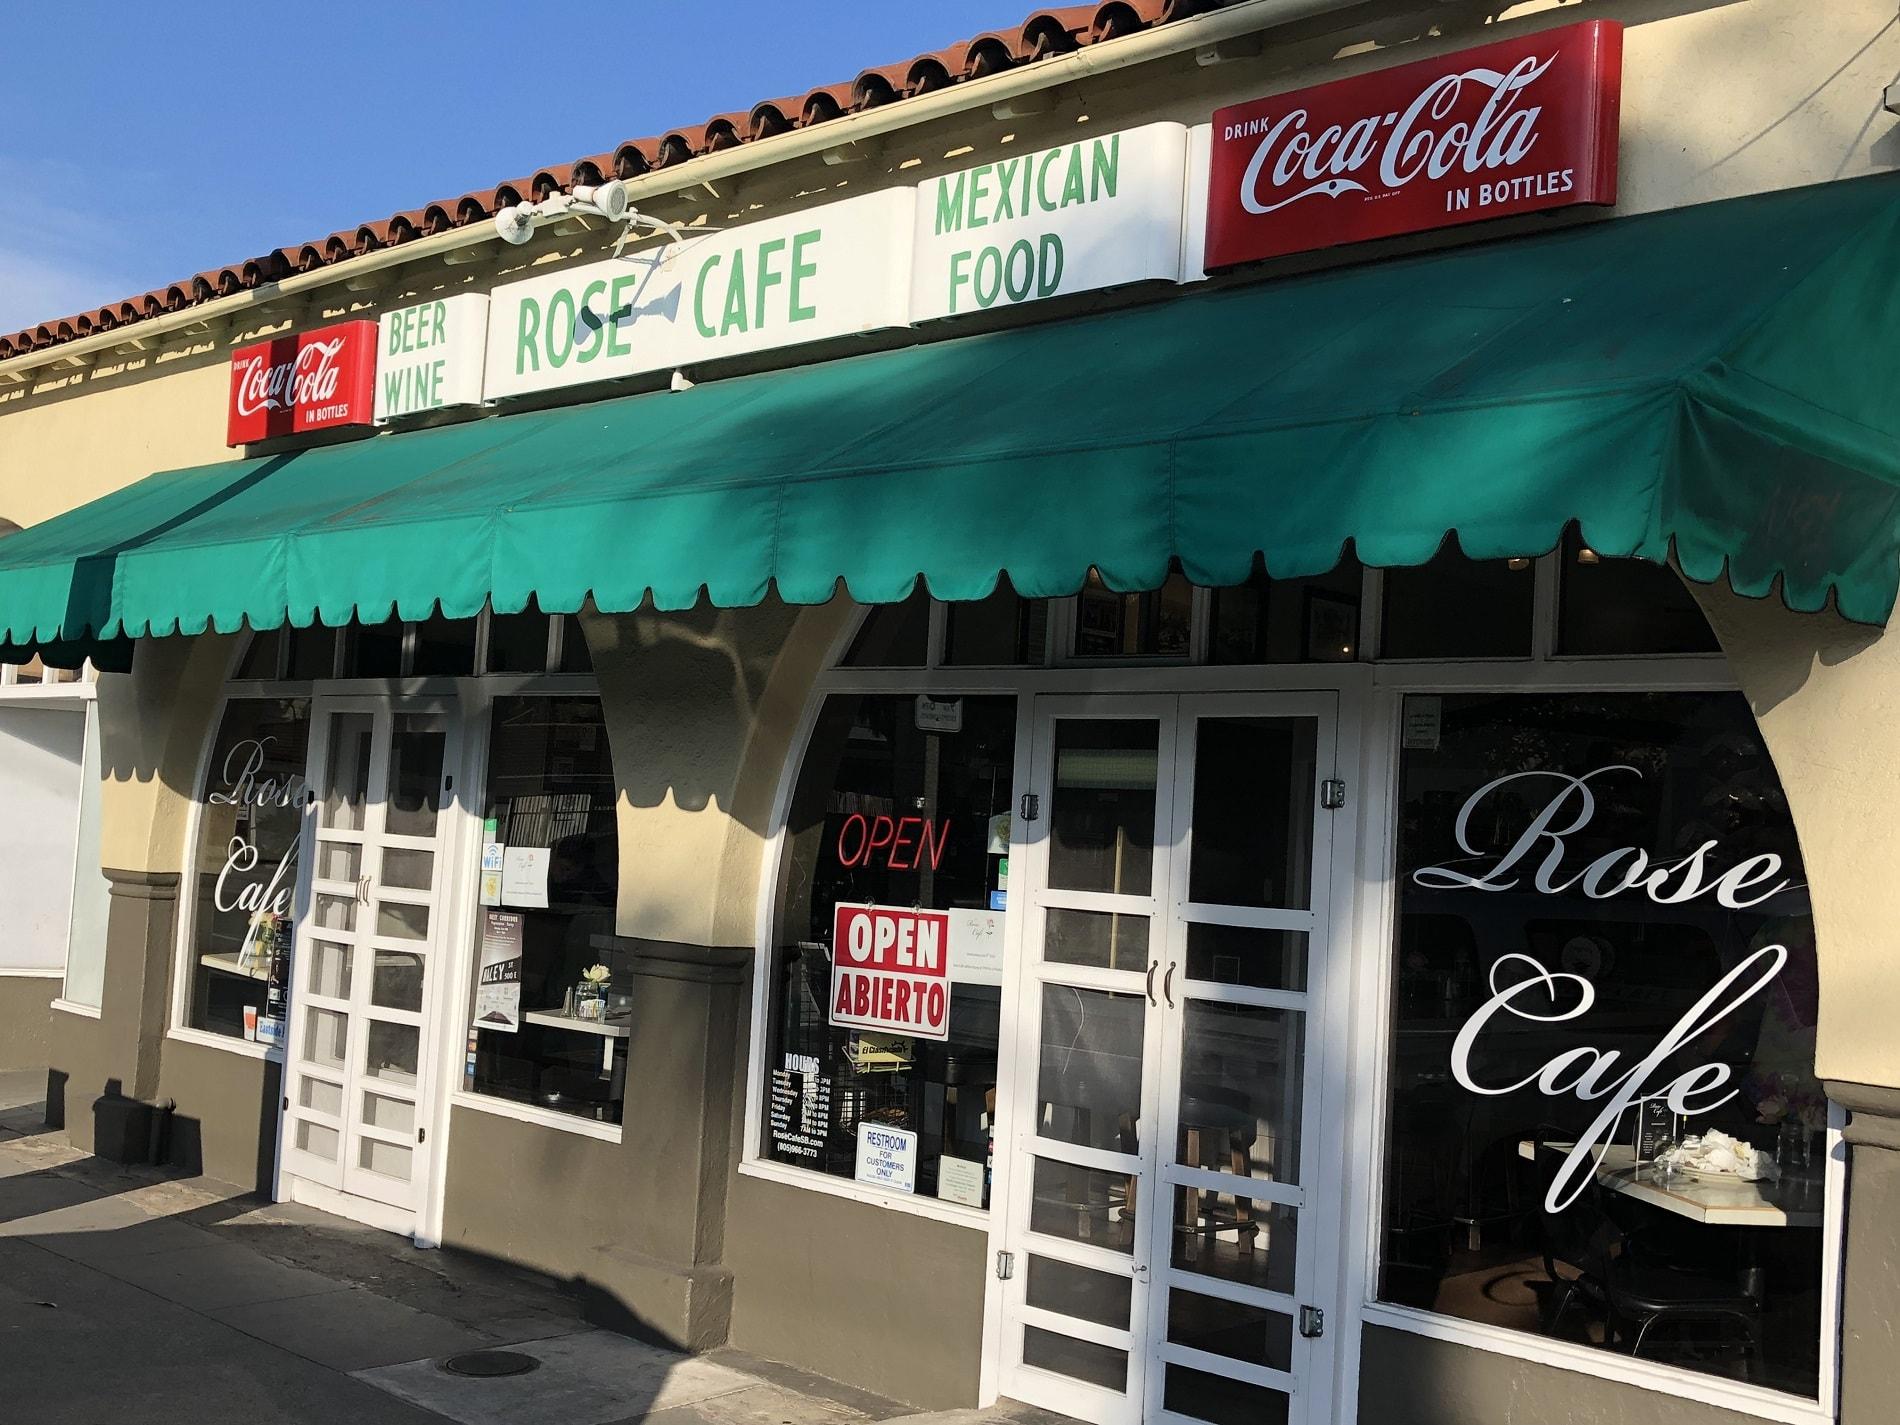 Rose Cafe Storefront